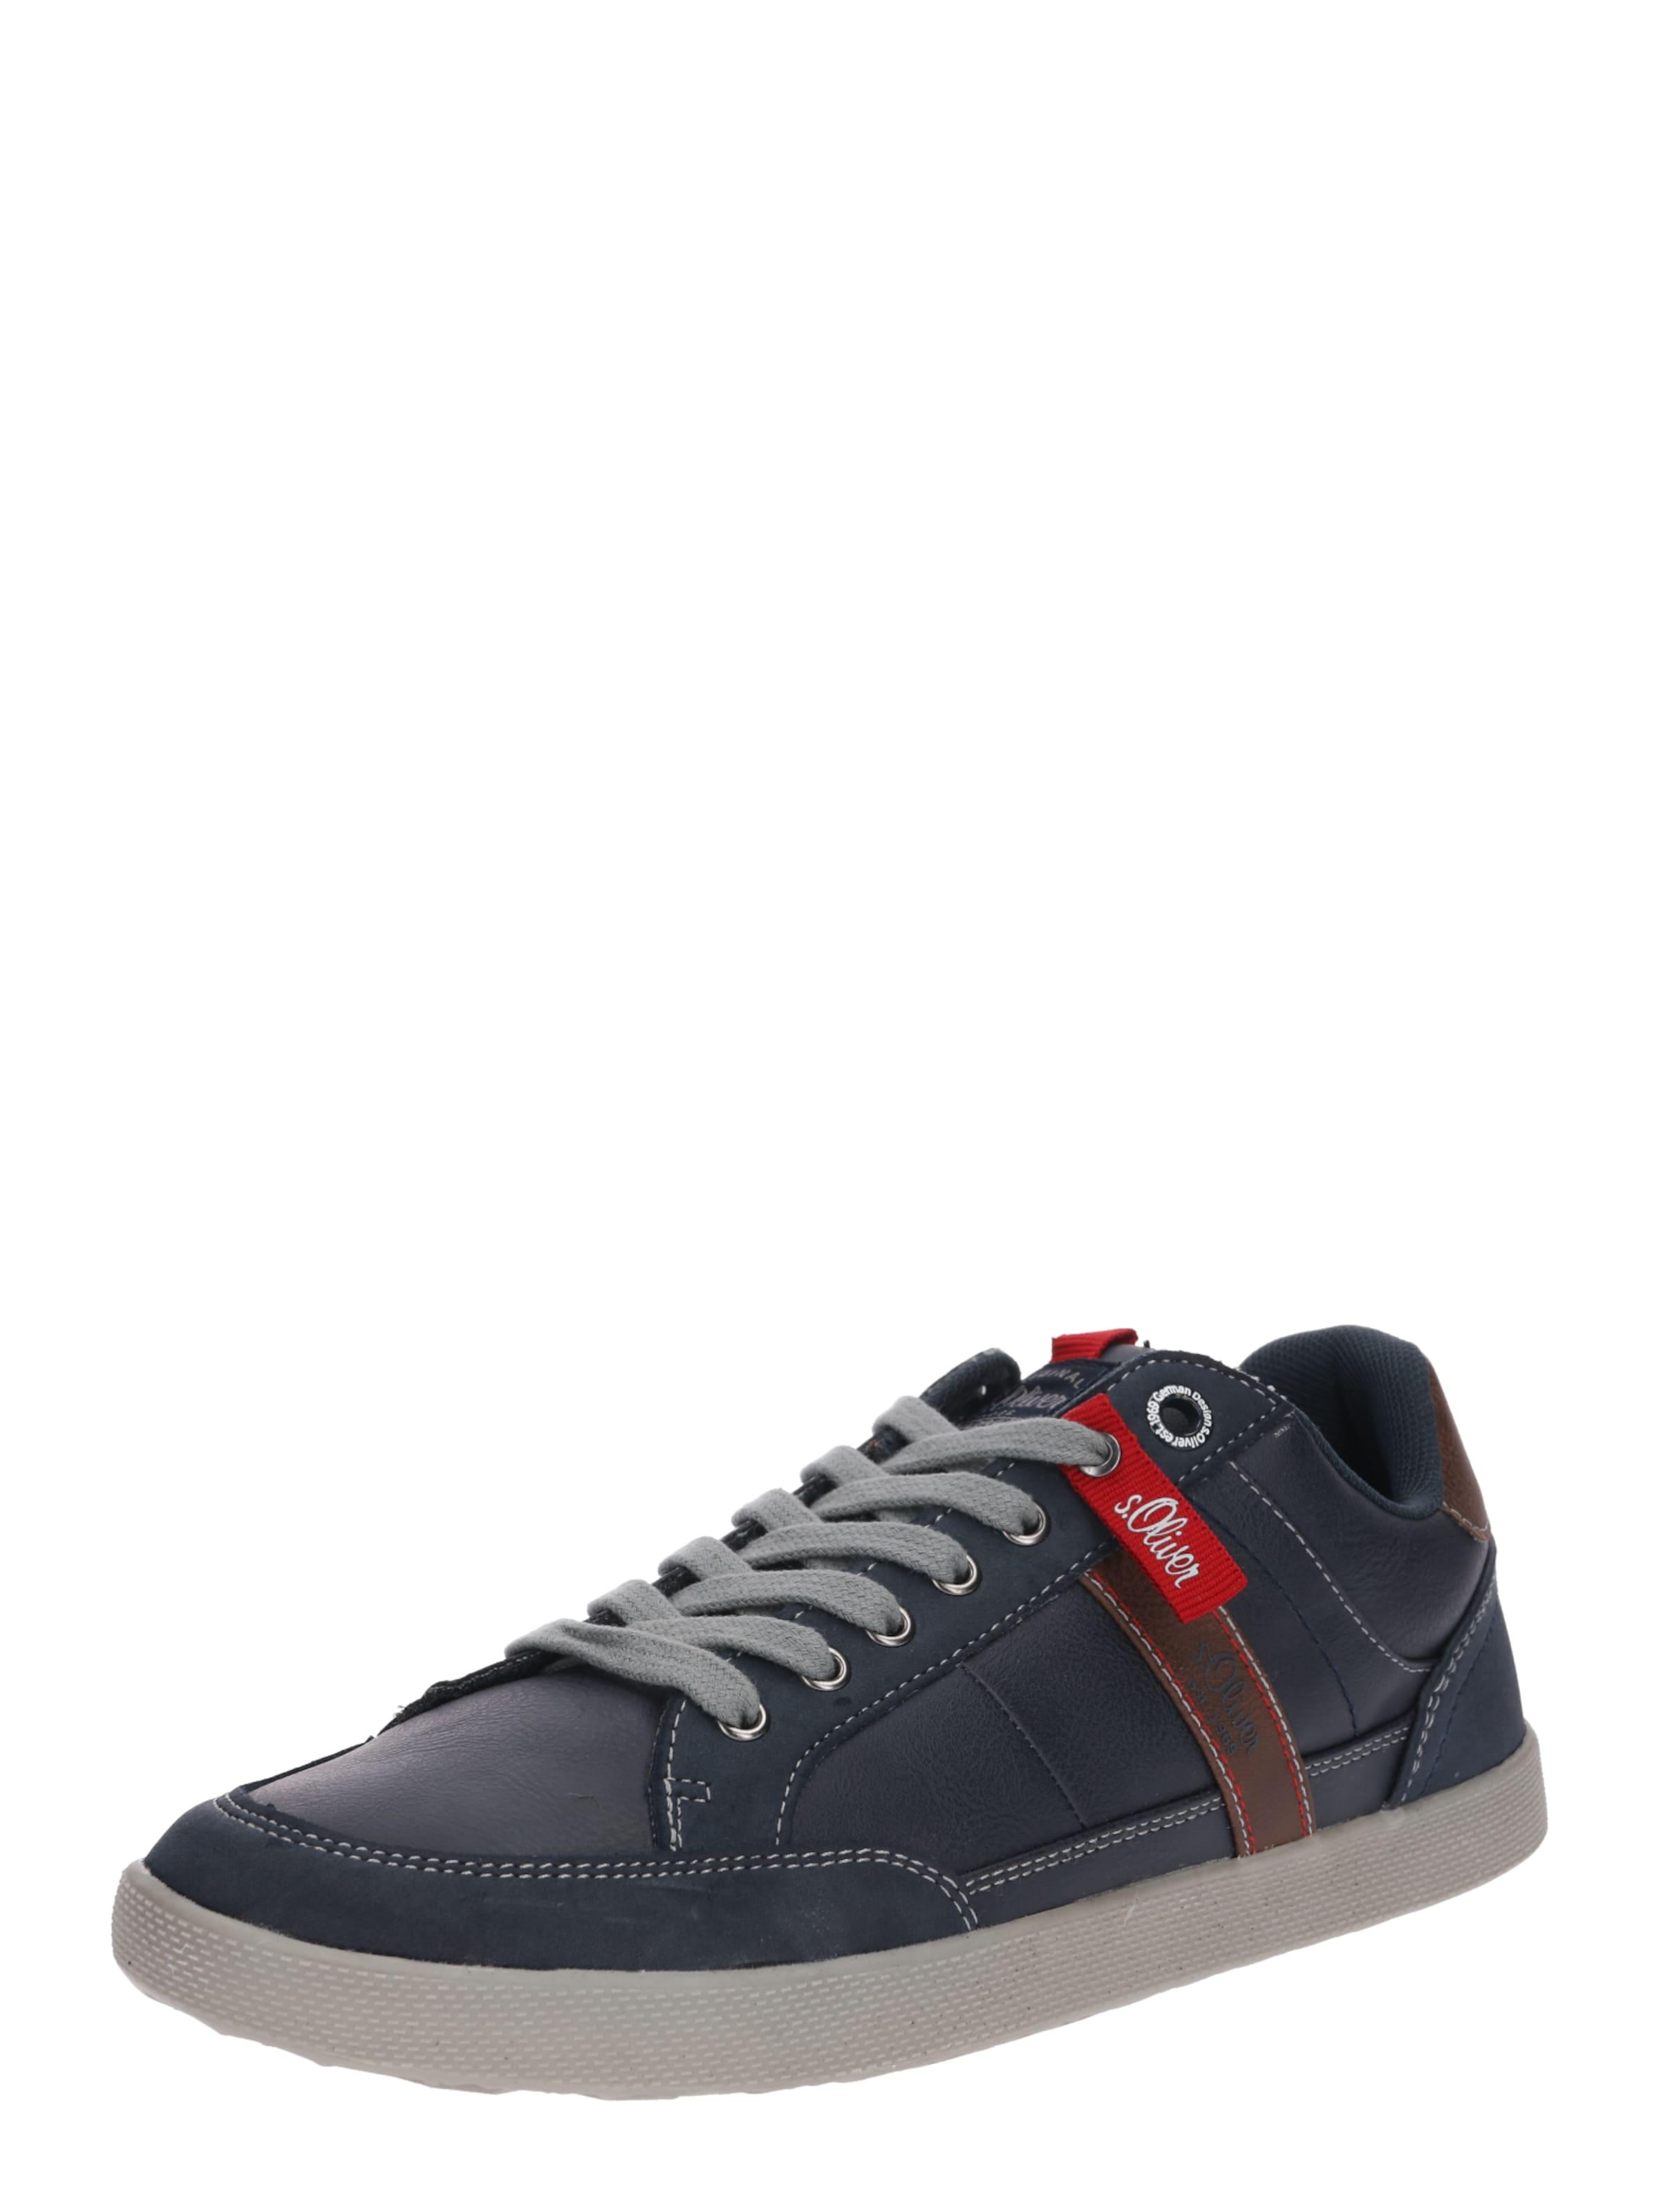 s.Oliver s.Oliver s.Oliver RED LABEL | Sneaker 7da42d